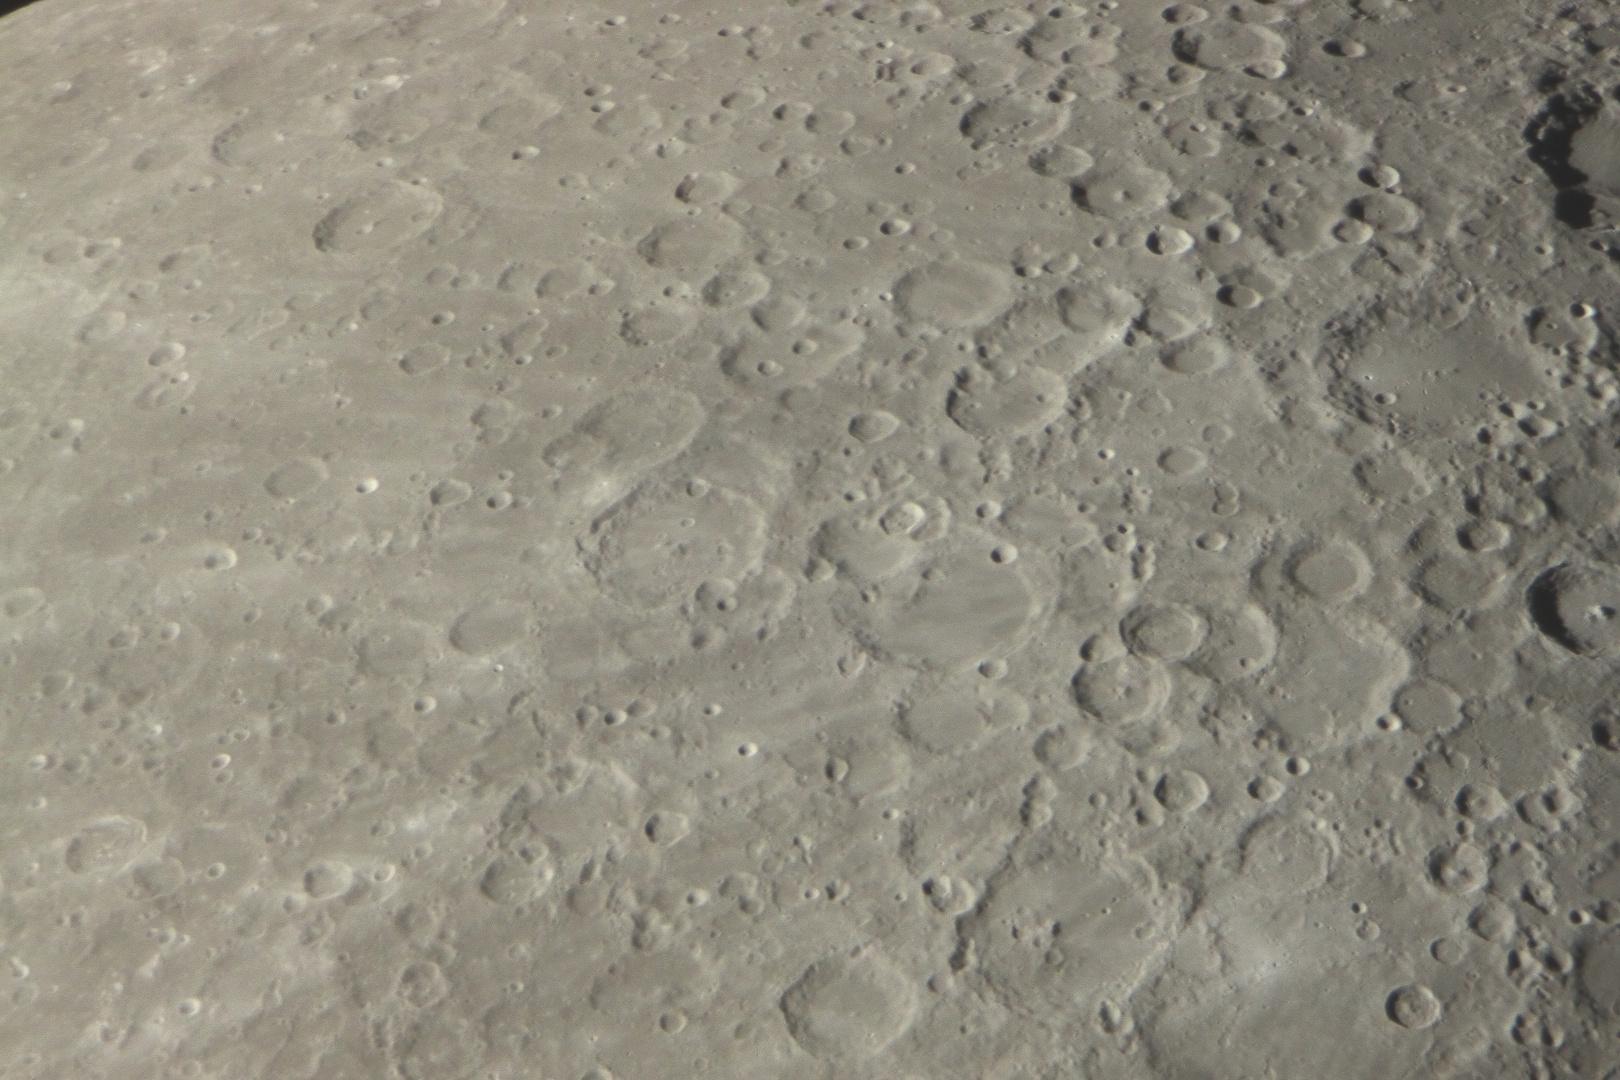 Der Mond 2011 Sternwarte Neumarkt,Opf